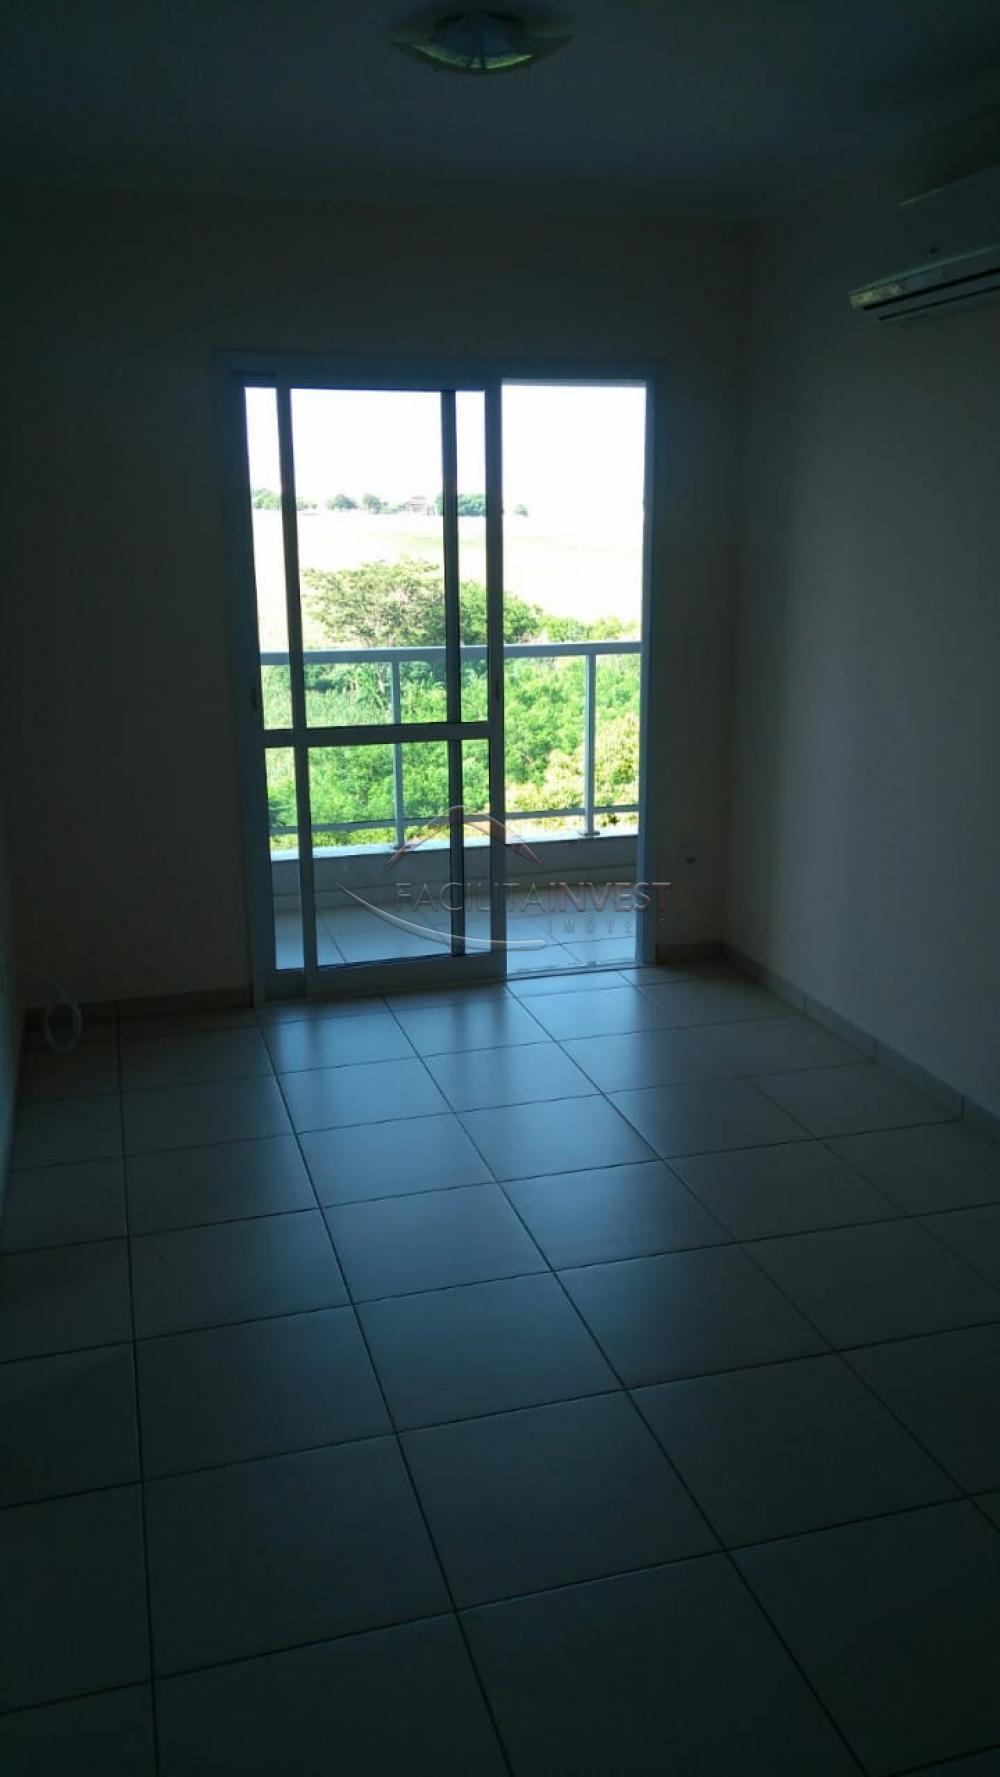 Comprar Lançamentos/ Empreendimentos em Construç / Apartamento padrão - Lançamento em Ribeirão Preto apenas R$ 216.000,00 - Foto 2